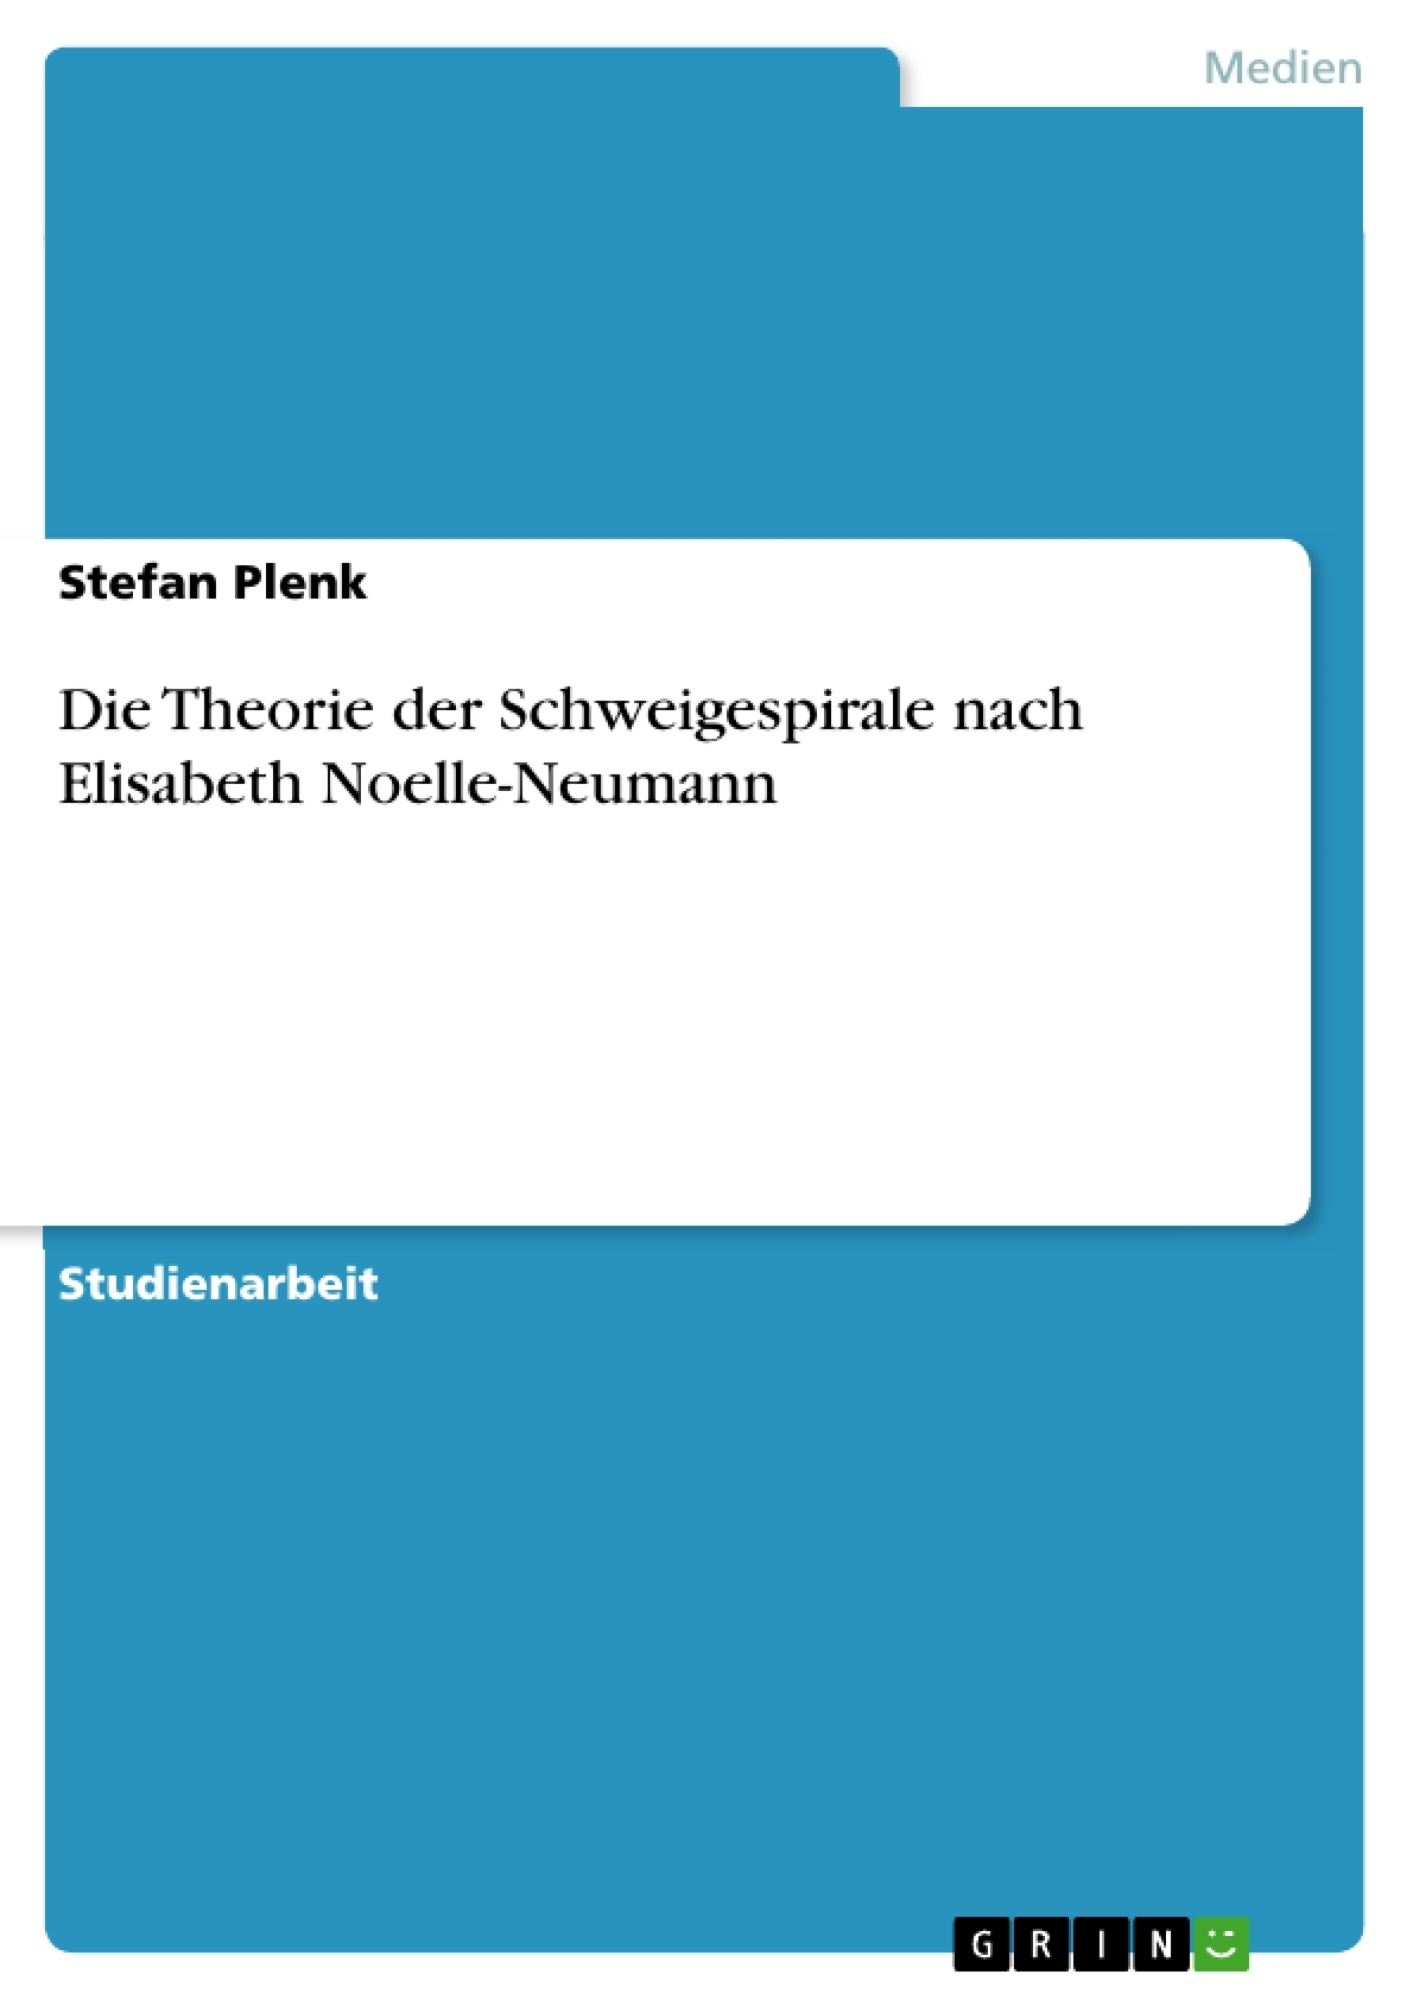 Titel: Die Theorie der Schweigespirale nach Elisabeth Noelle-Neumann